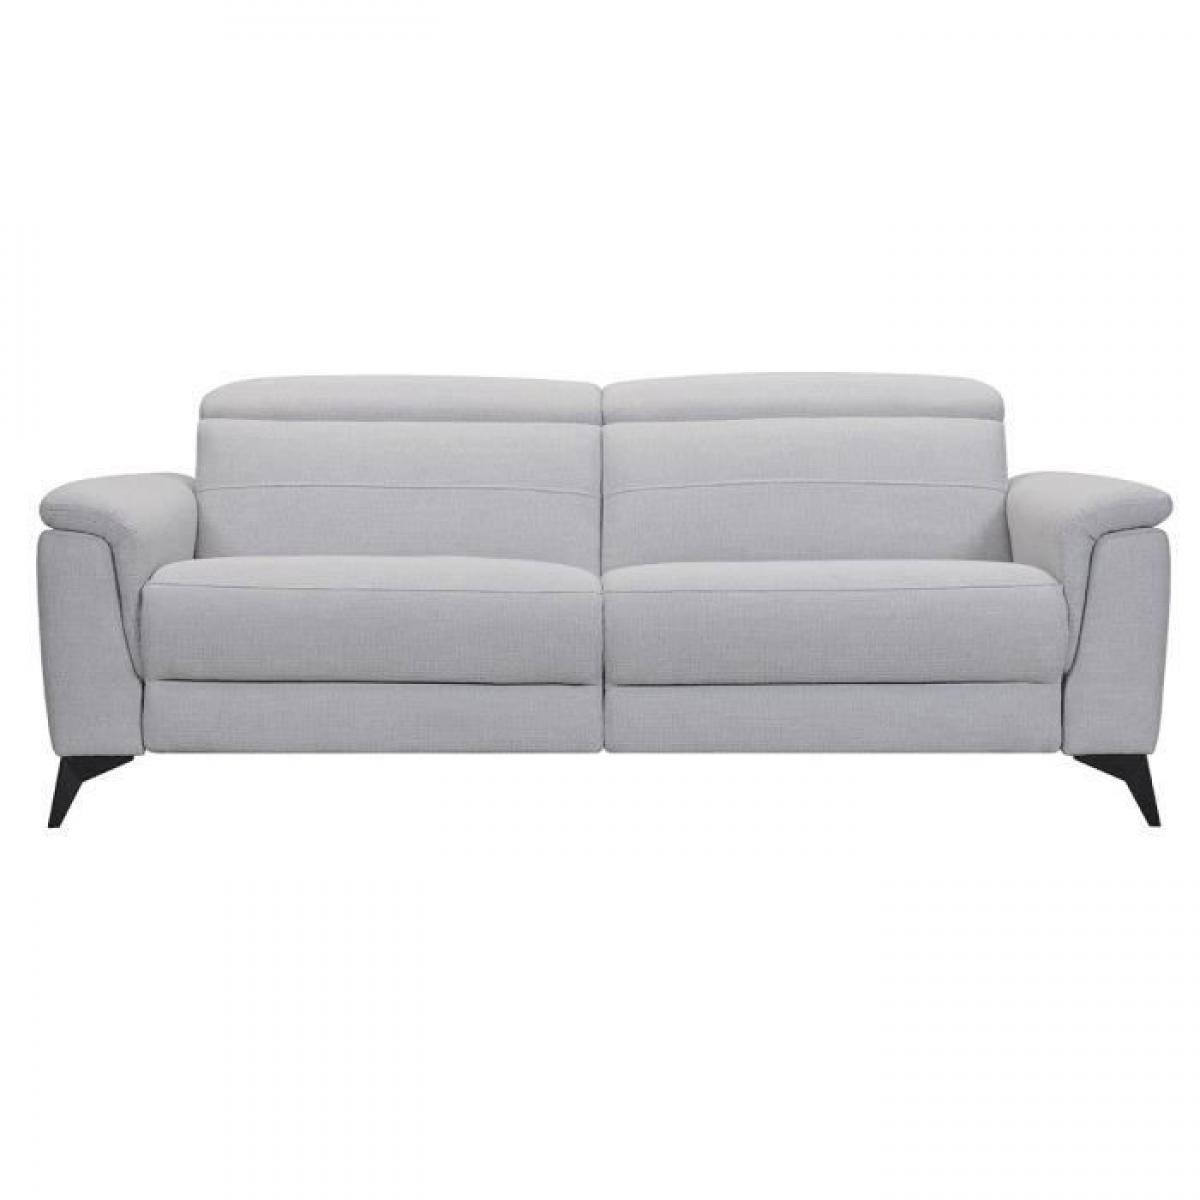 Sans Marque MELBOURNE Canape 3 places avec 2 relax electrique - Tissu bleu gris - L 208 x P 108 x H x 79 cm